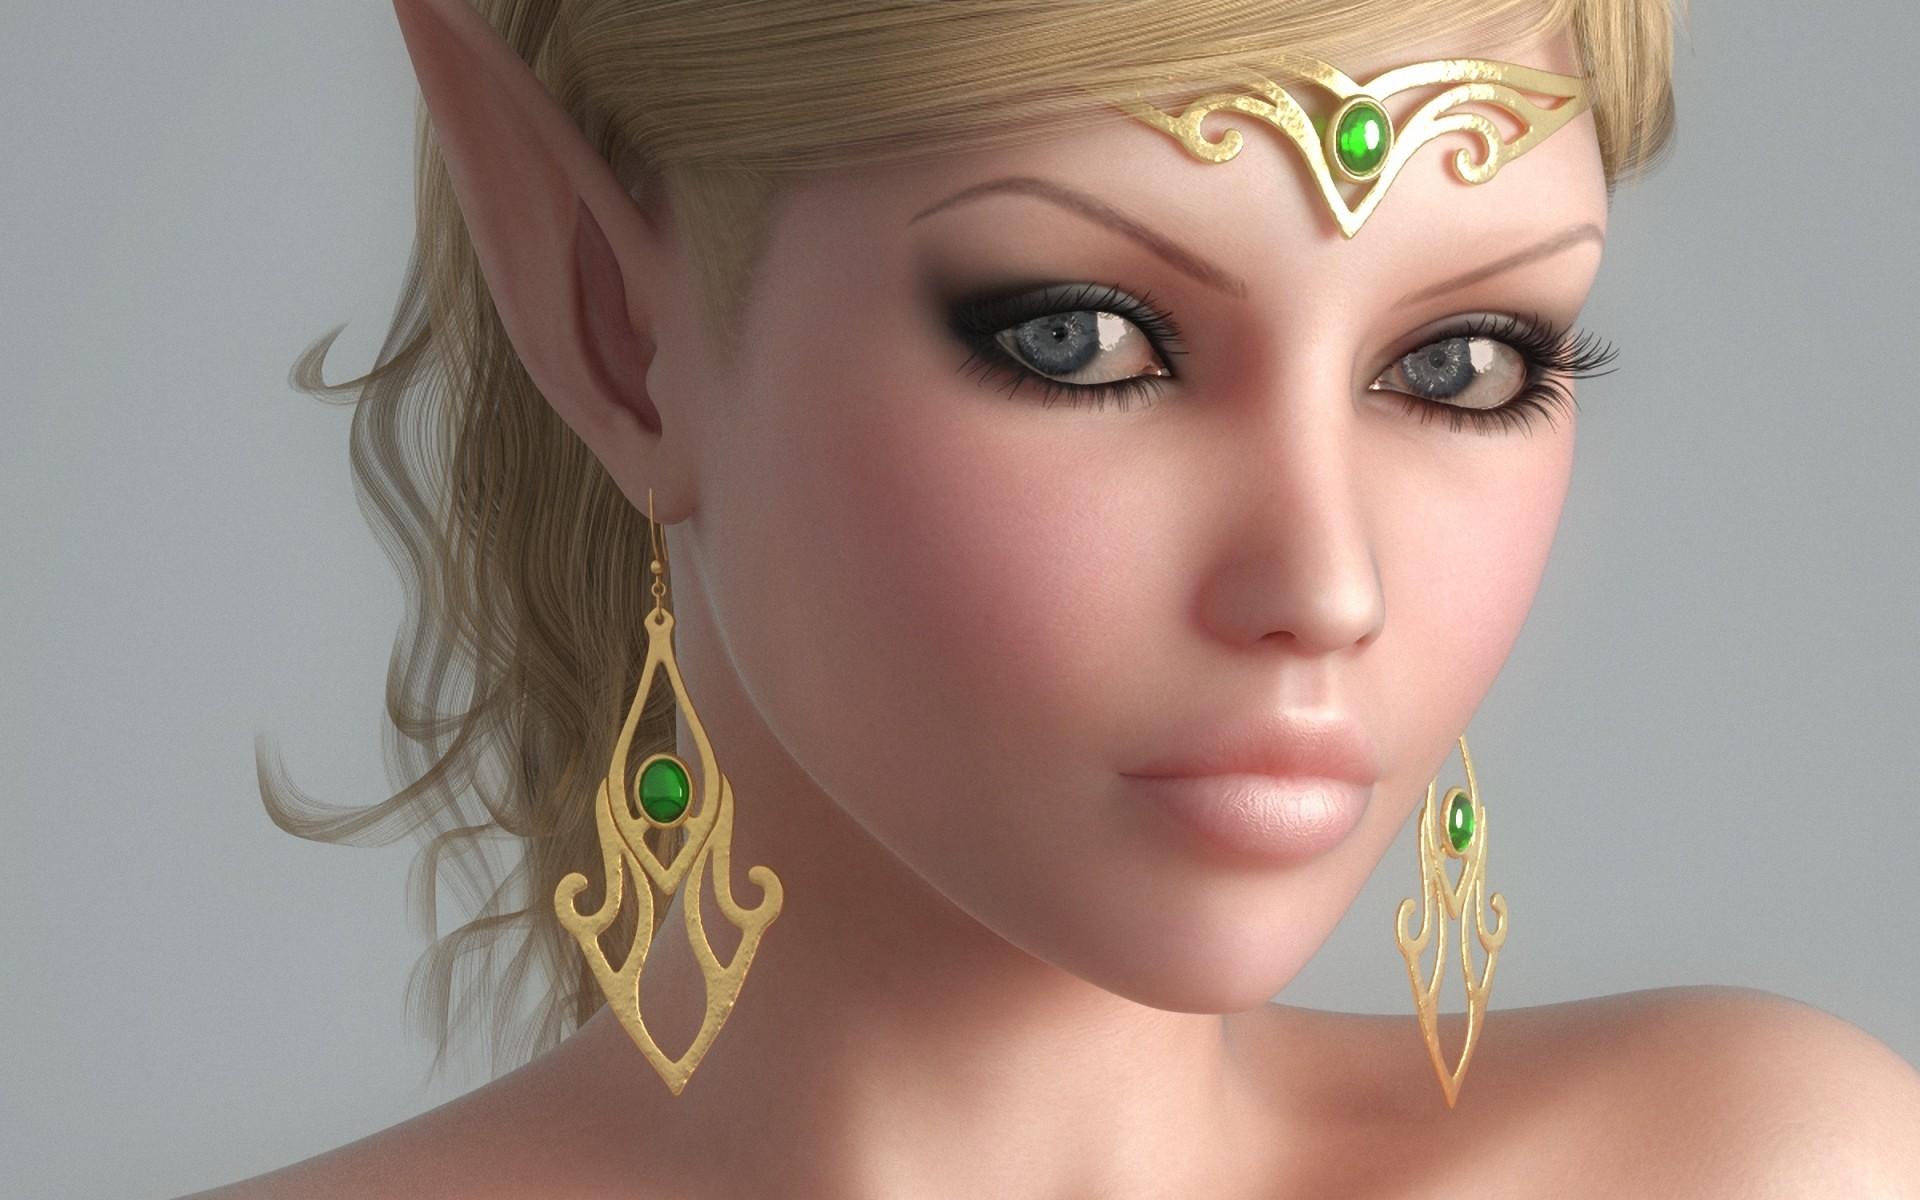 девушка, эльф, глаза